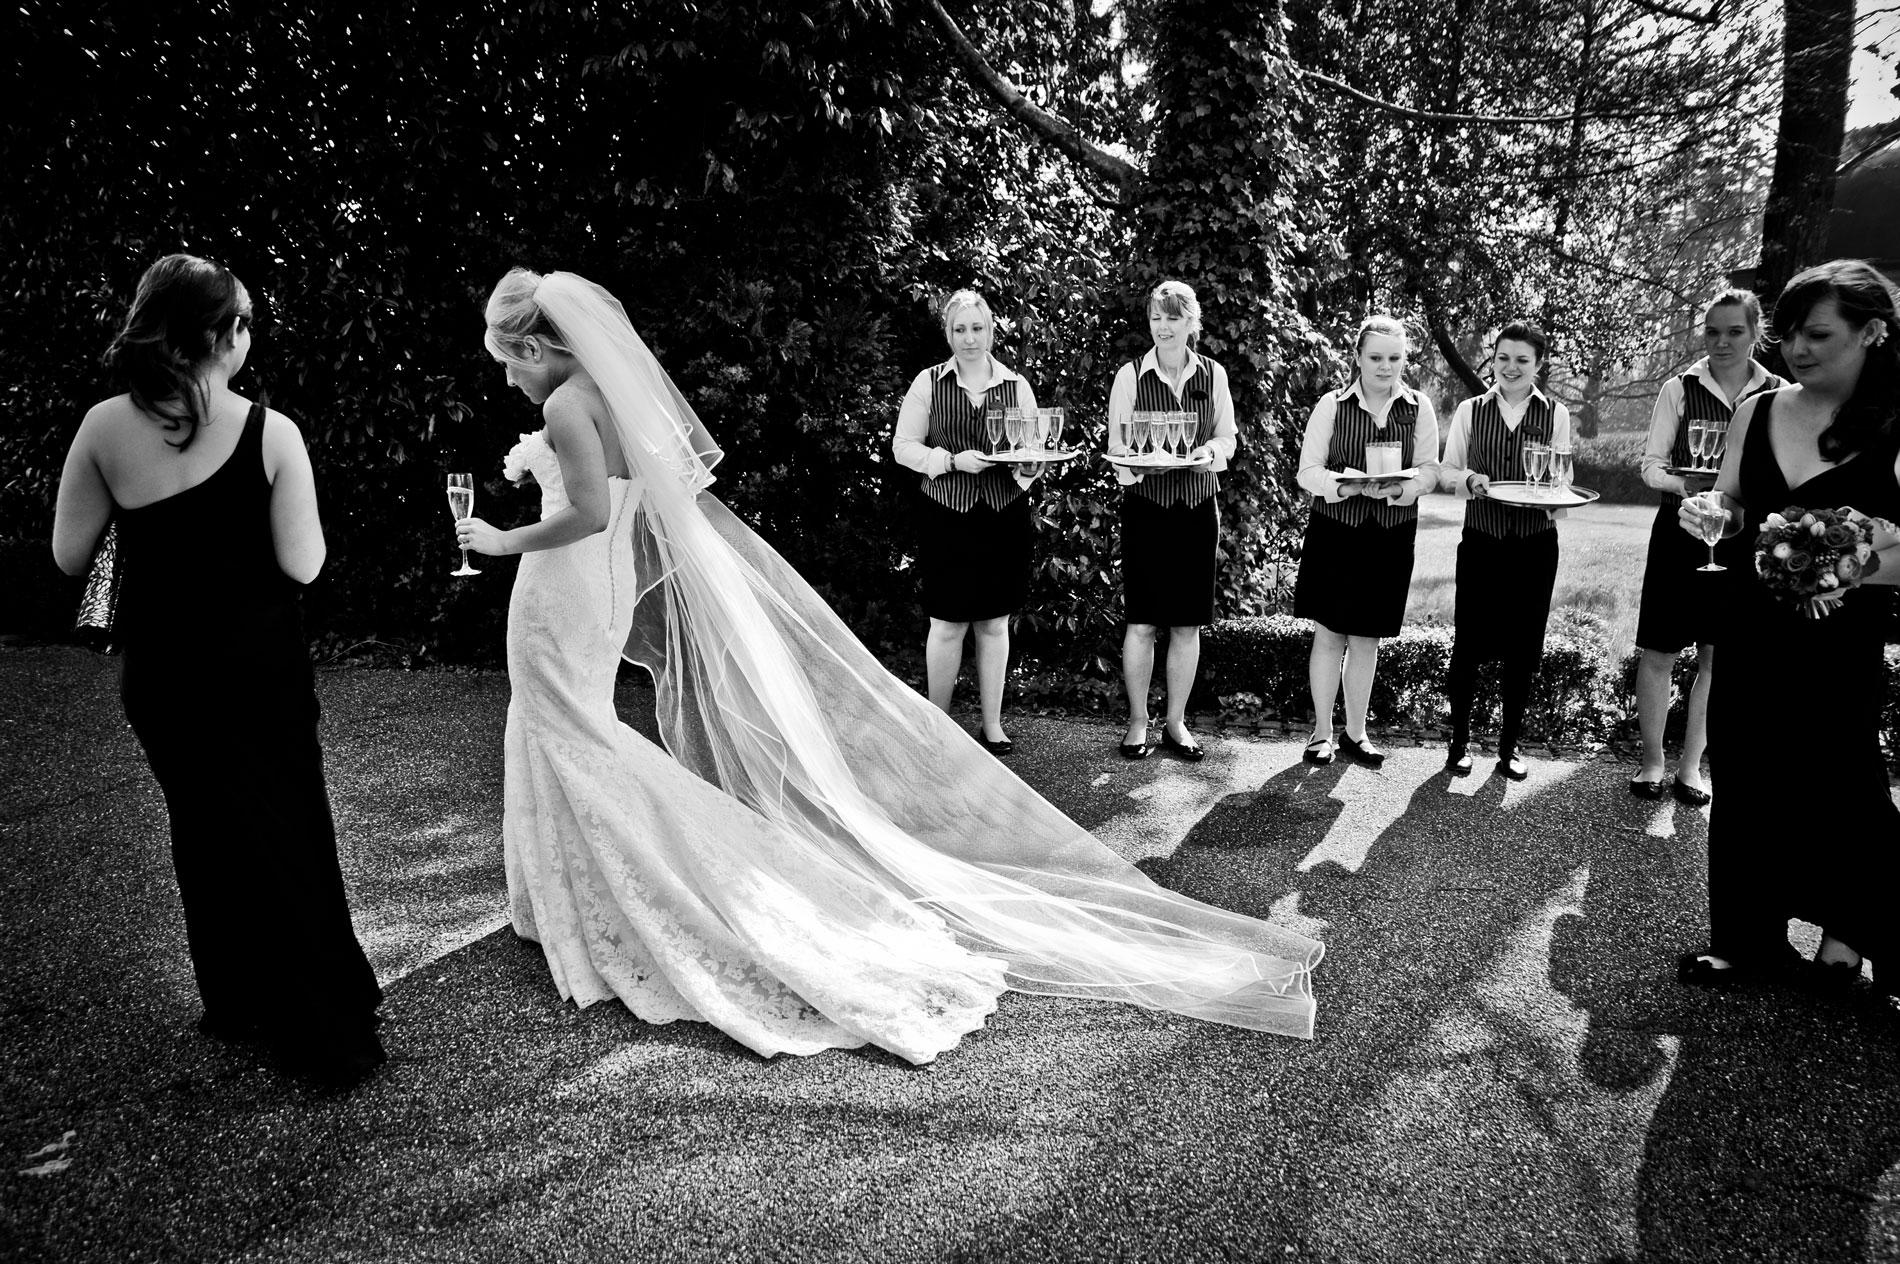 Kilworth-weddings-_60.jpg